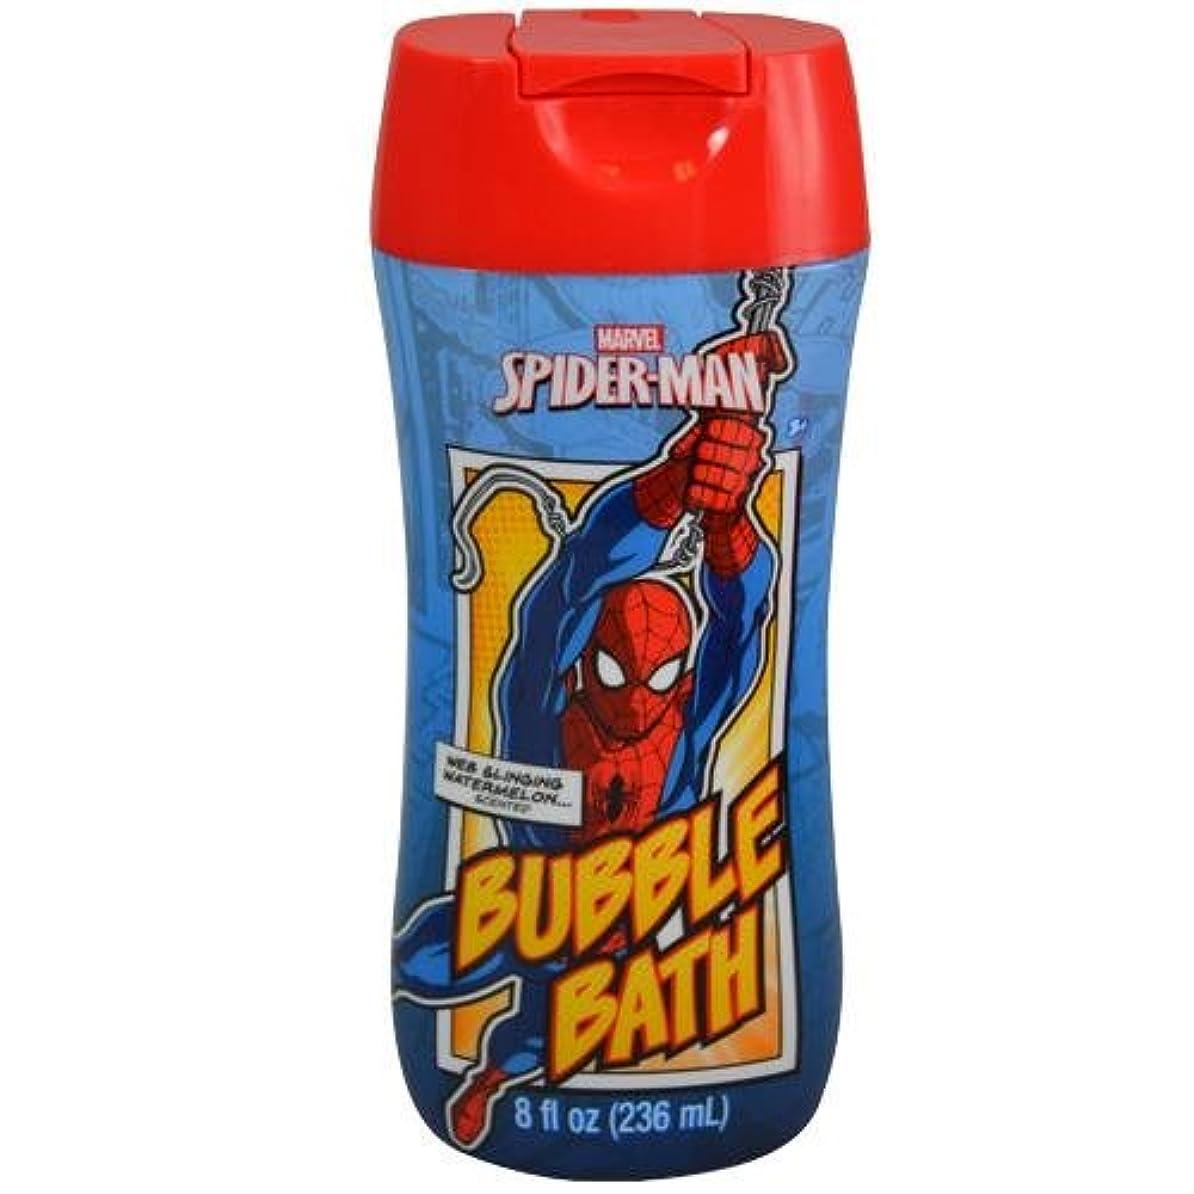 試みるトランスペアレント特異なスパイダーマン SPIDER-MAN バブルバス 12190 MARVEL 入浴剤 お風呂 子供 子供用 キッズ 泡 バブル 泡風呂 MARVEL マーベル【即日?翌日発送】